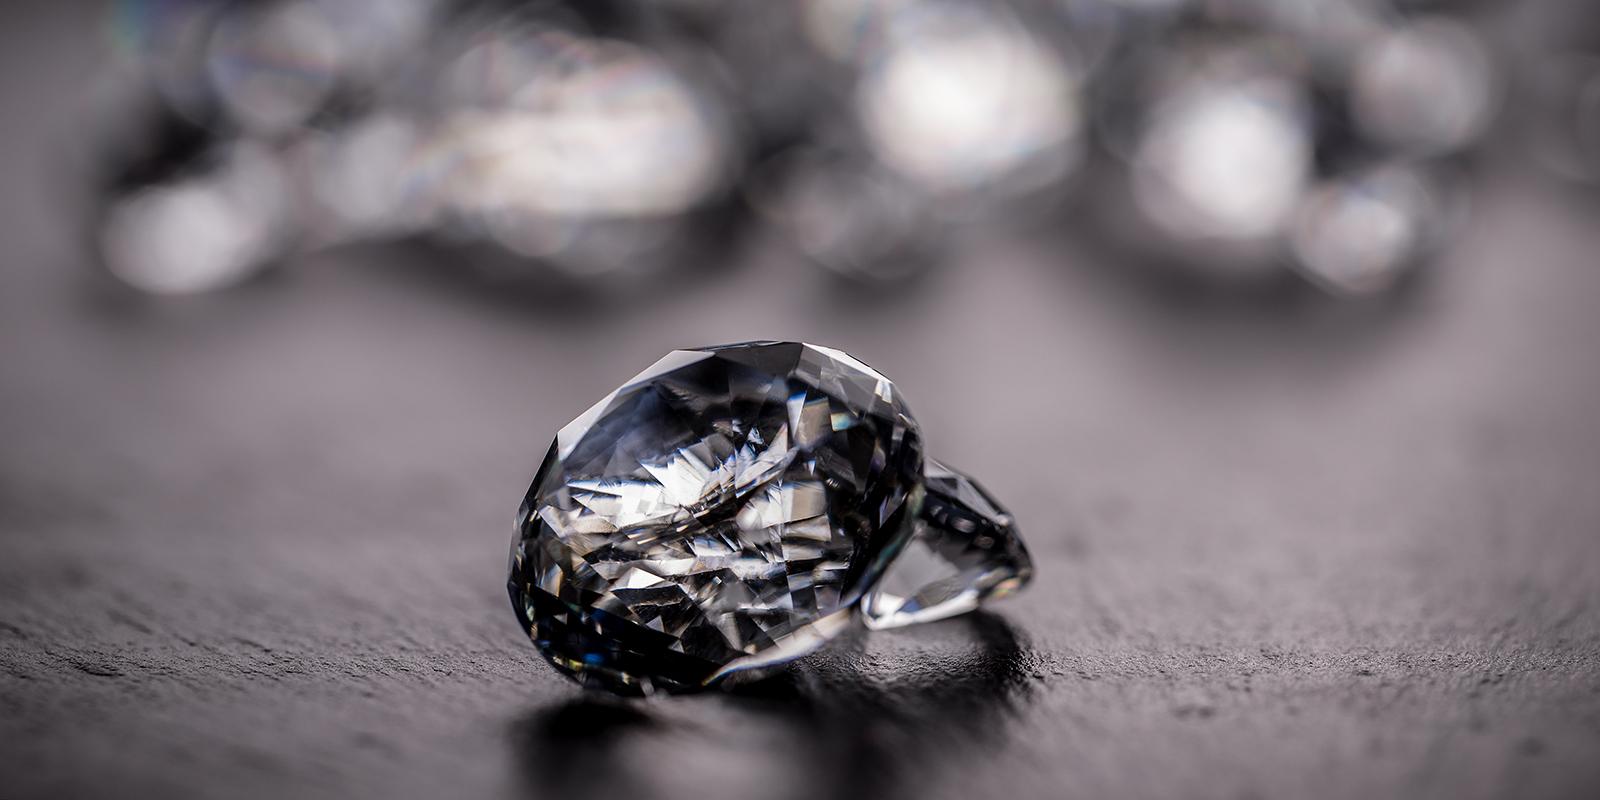 Diamond jewel onblack background